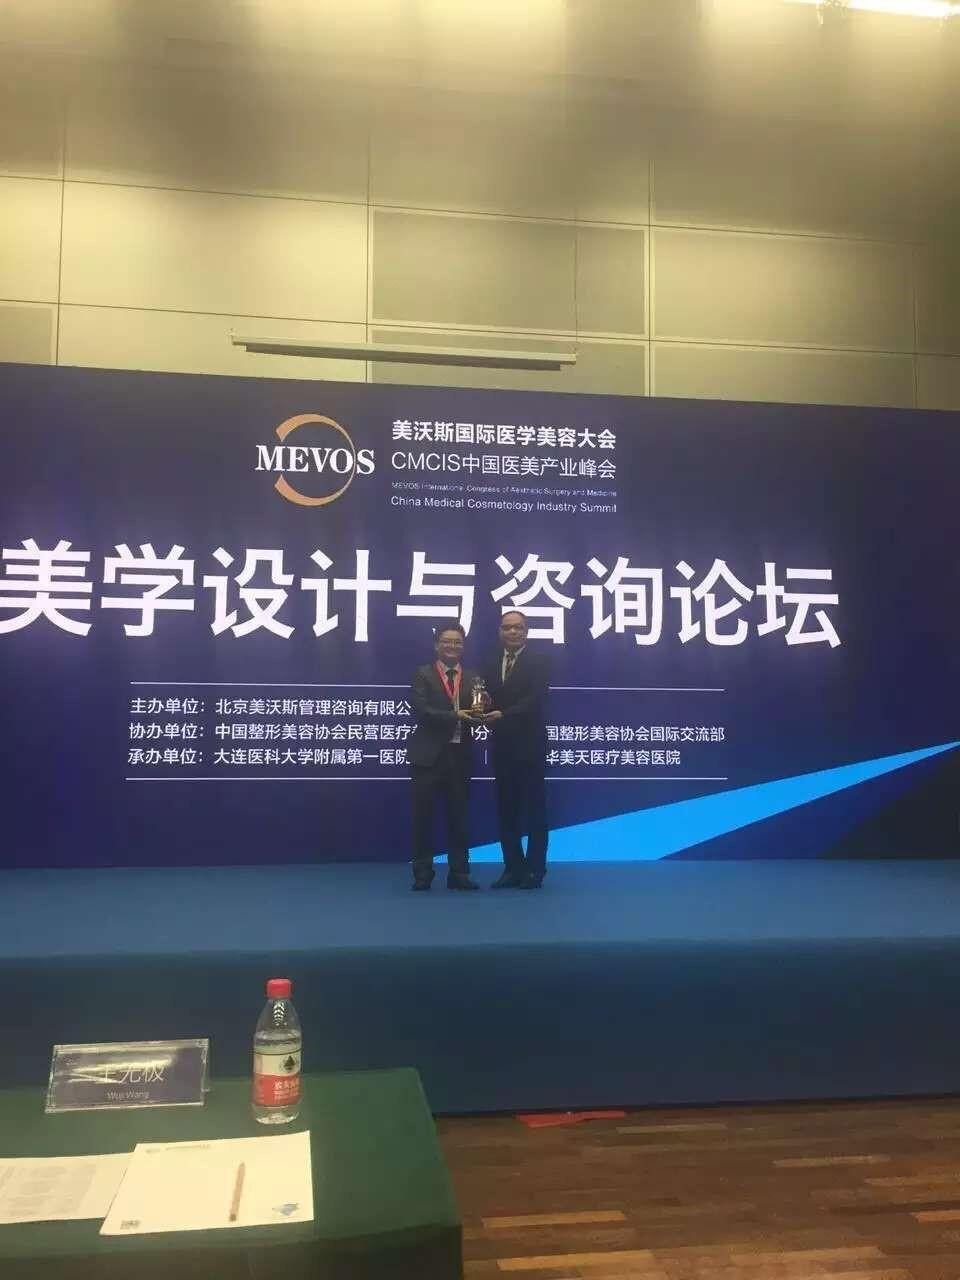 亚洲美囸�NN_亚洲美相设计大师王无极受邀出席2016美沃斯大会